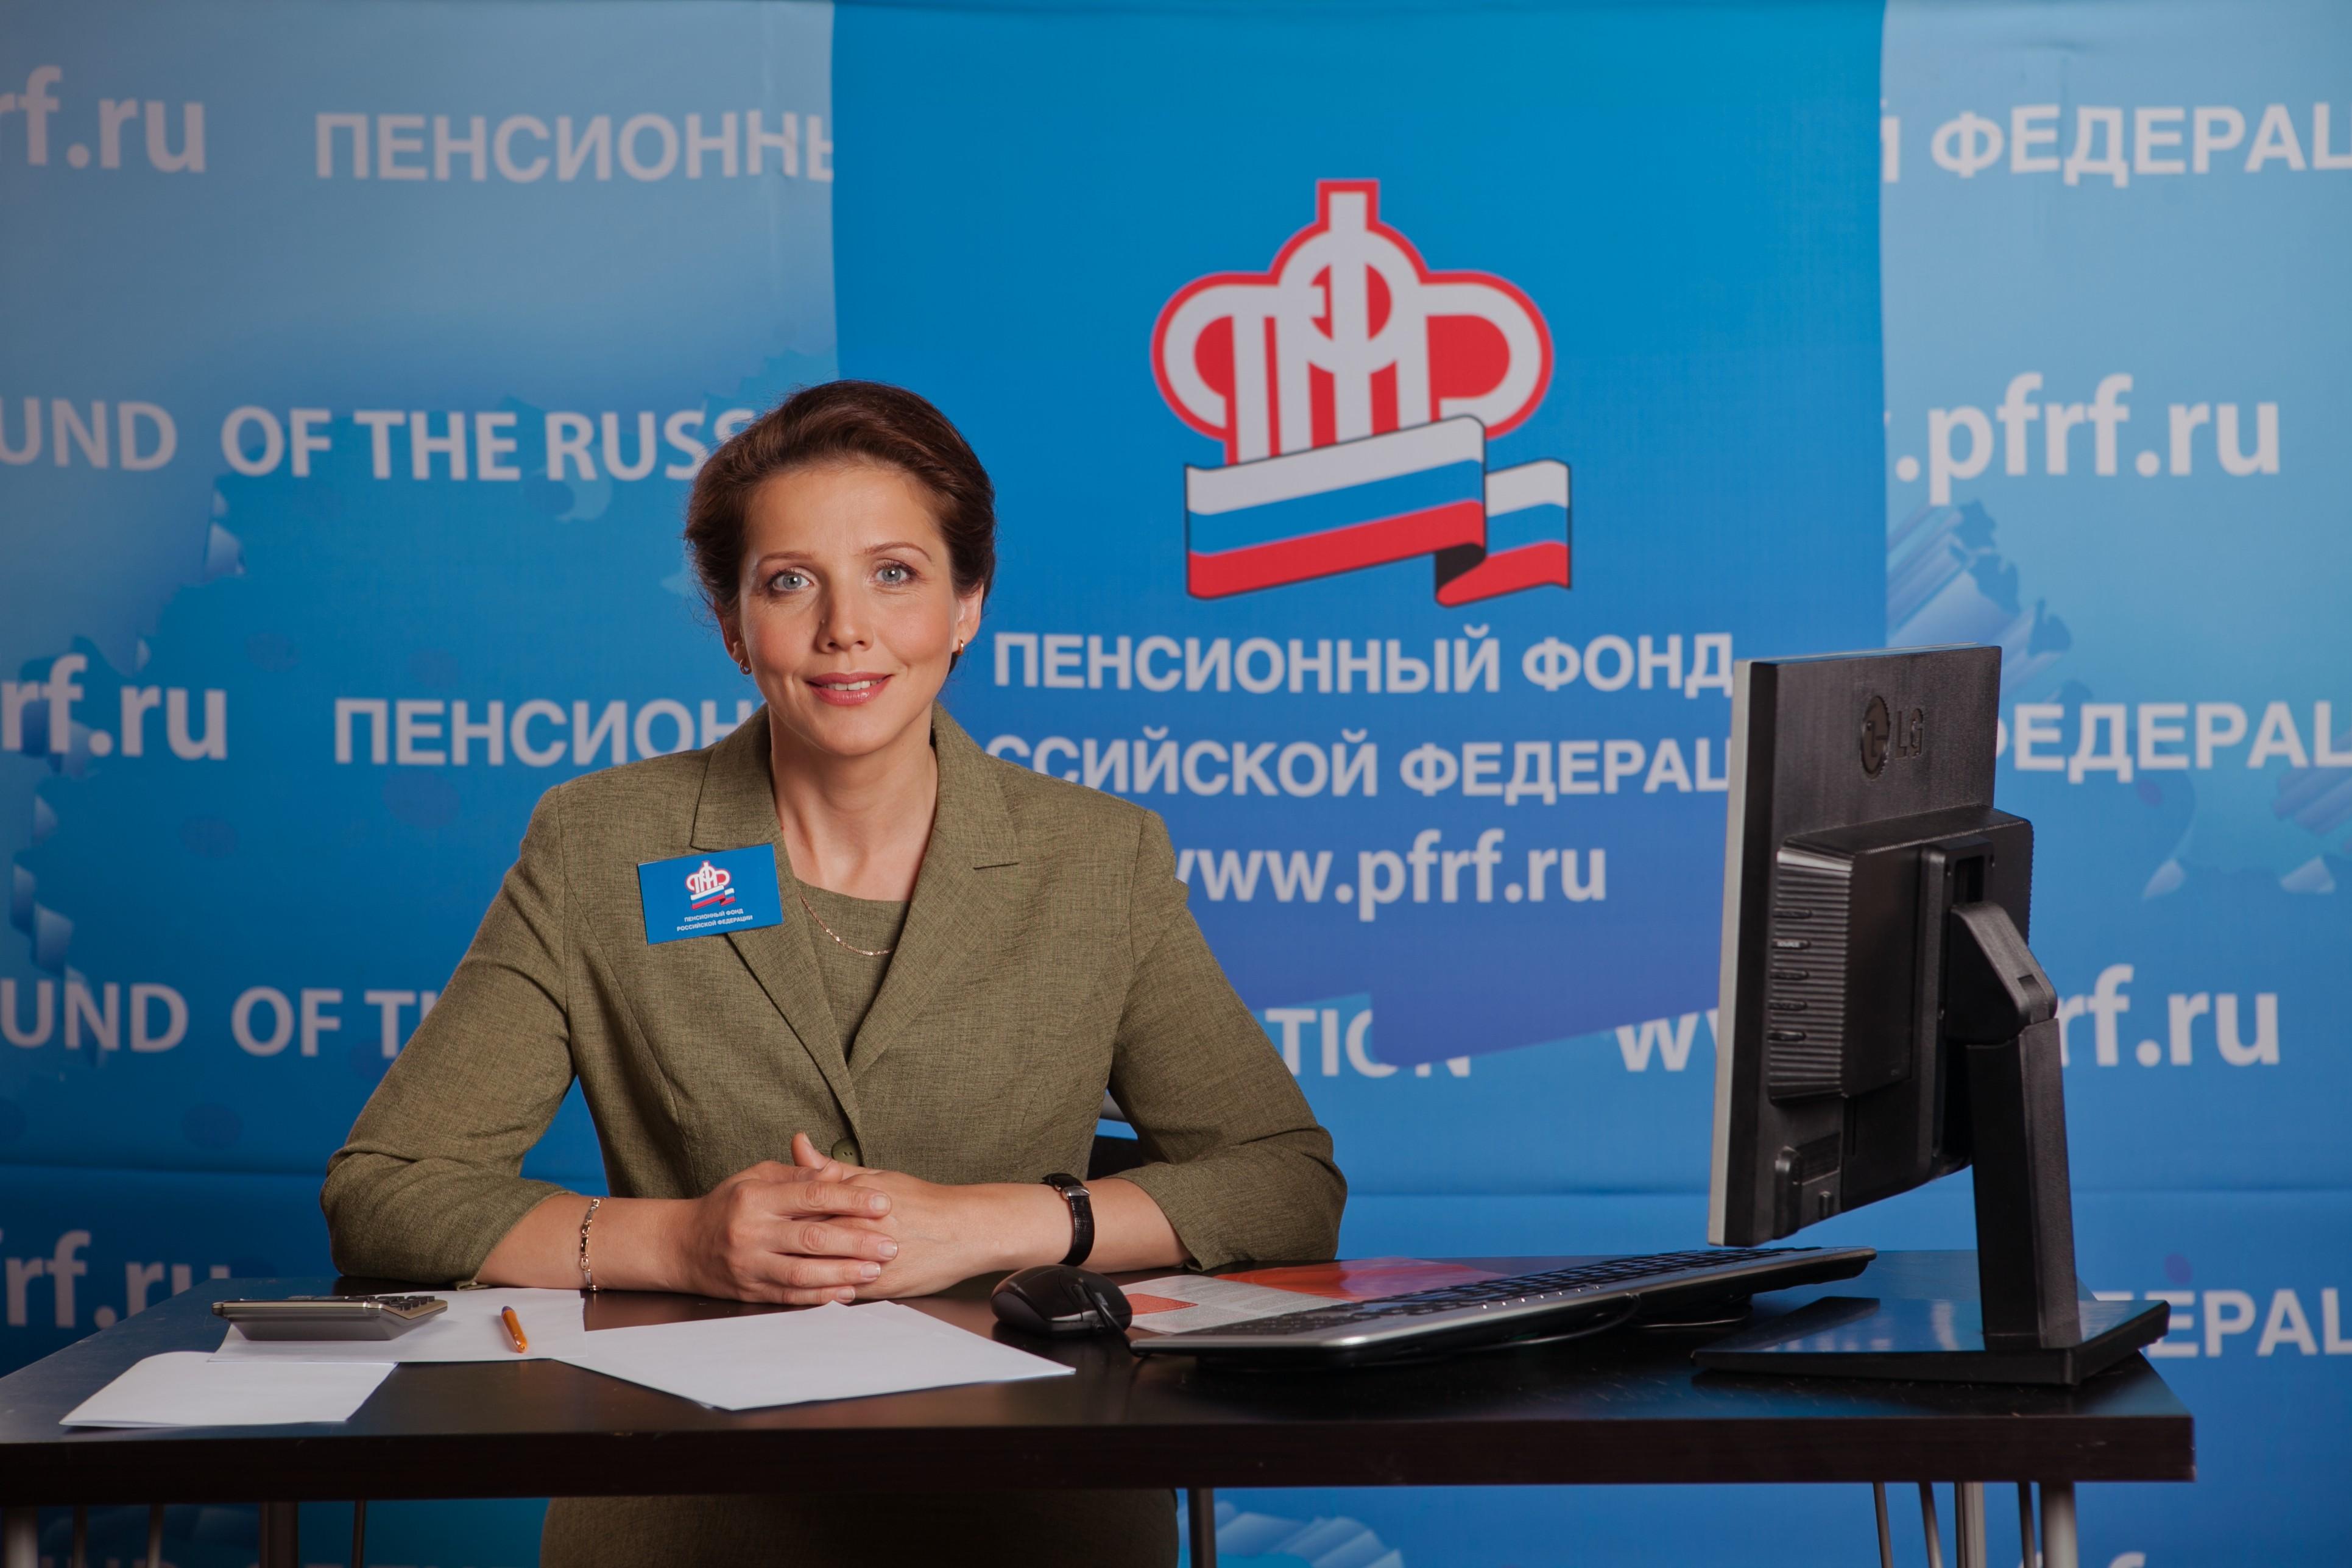 Получат ли военные пенсионеры по 5 тысяч рублей